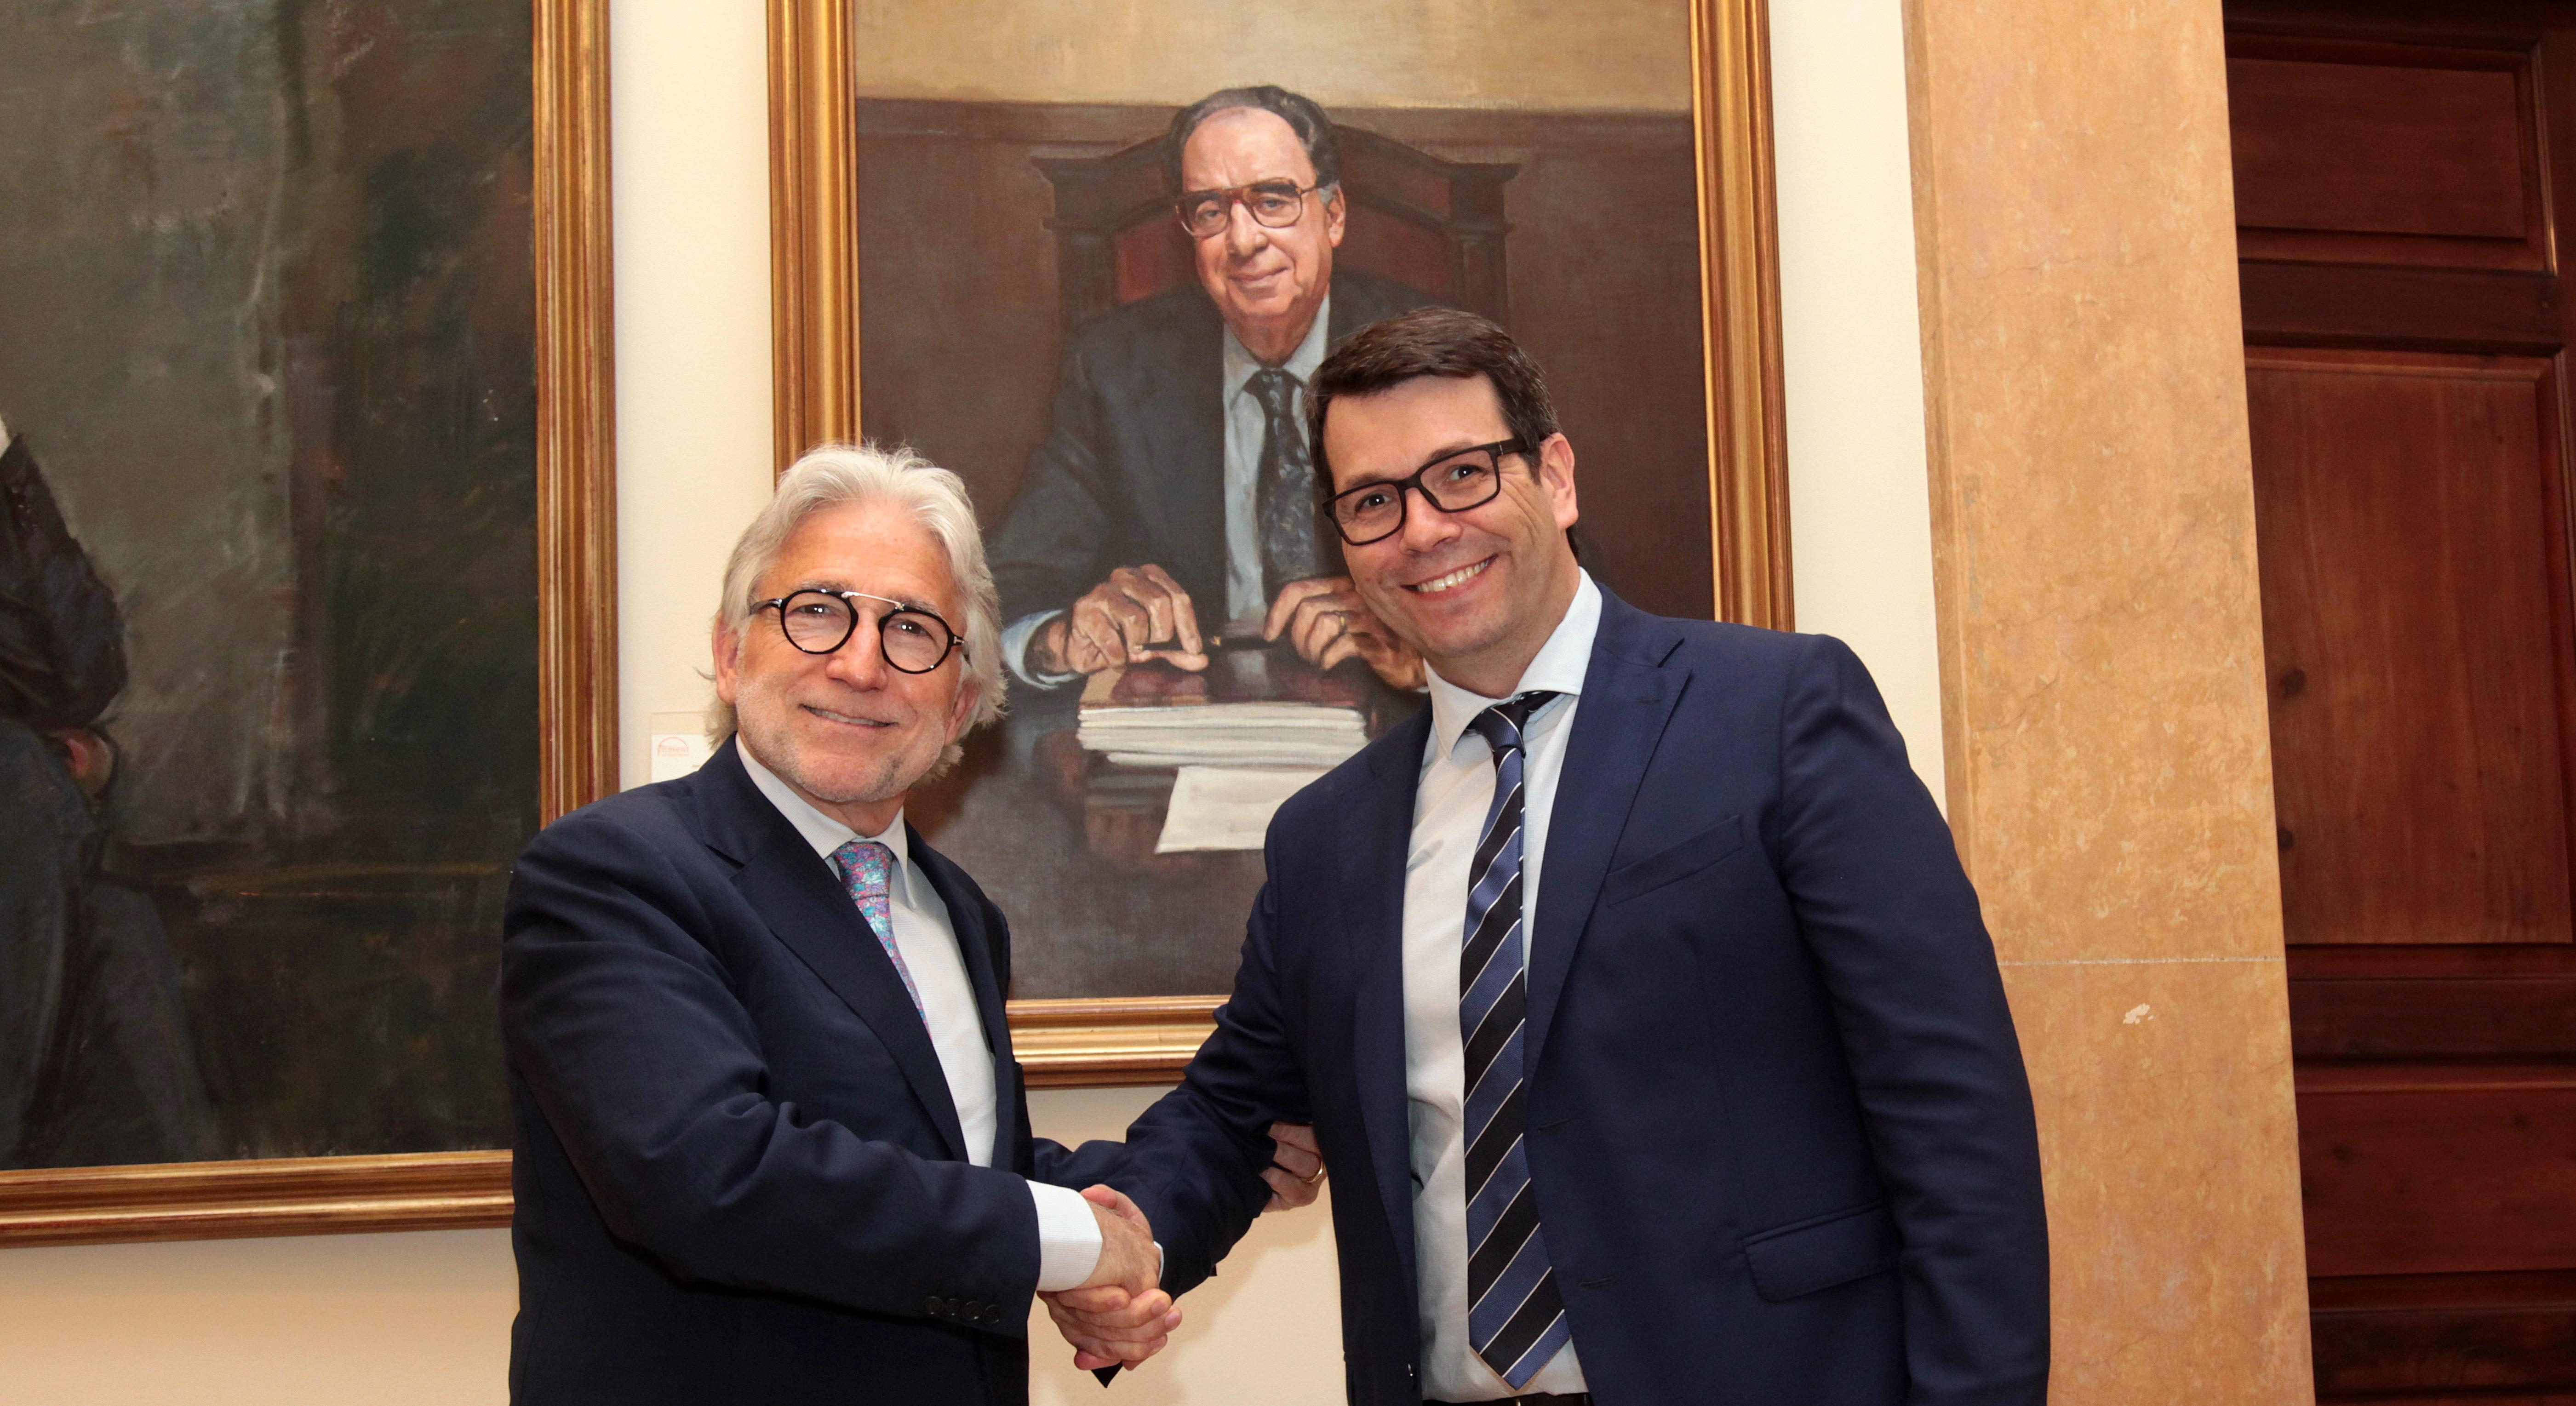 Foment incorporates El Gremi de la Indústria i la Comunicació Gràfica de Catalunya as its member